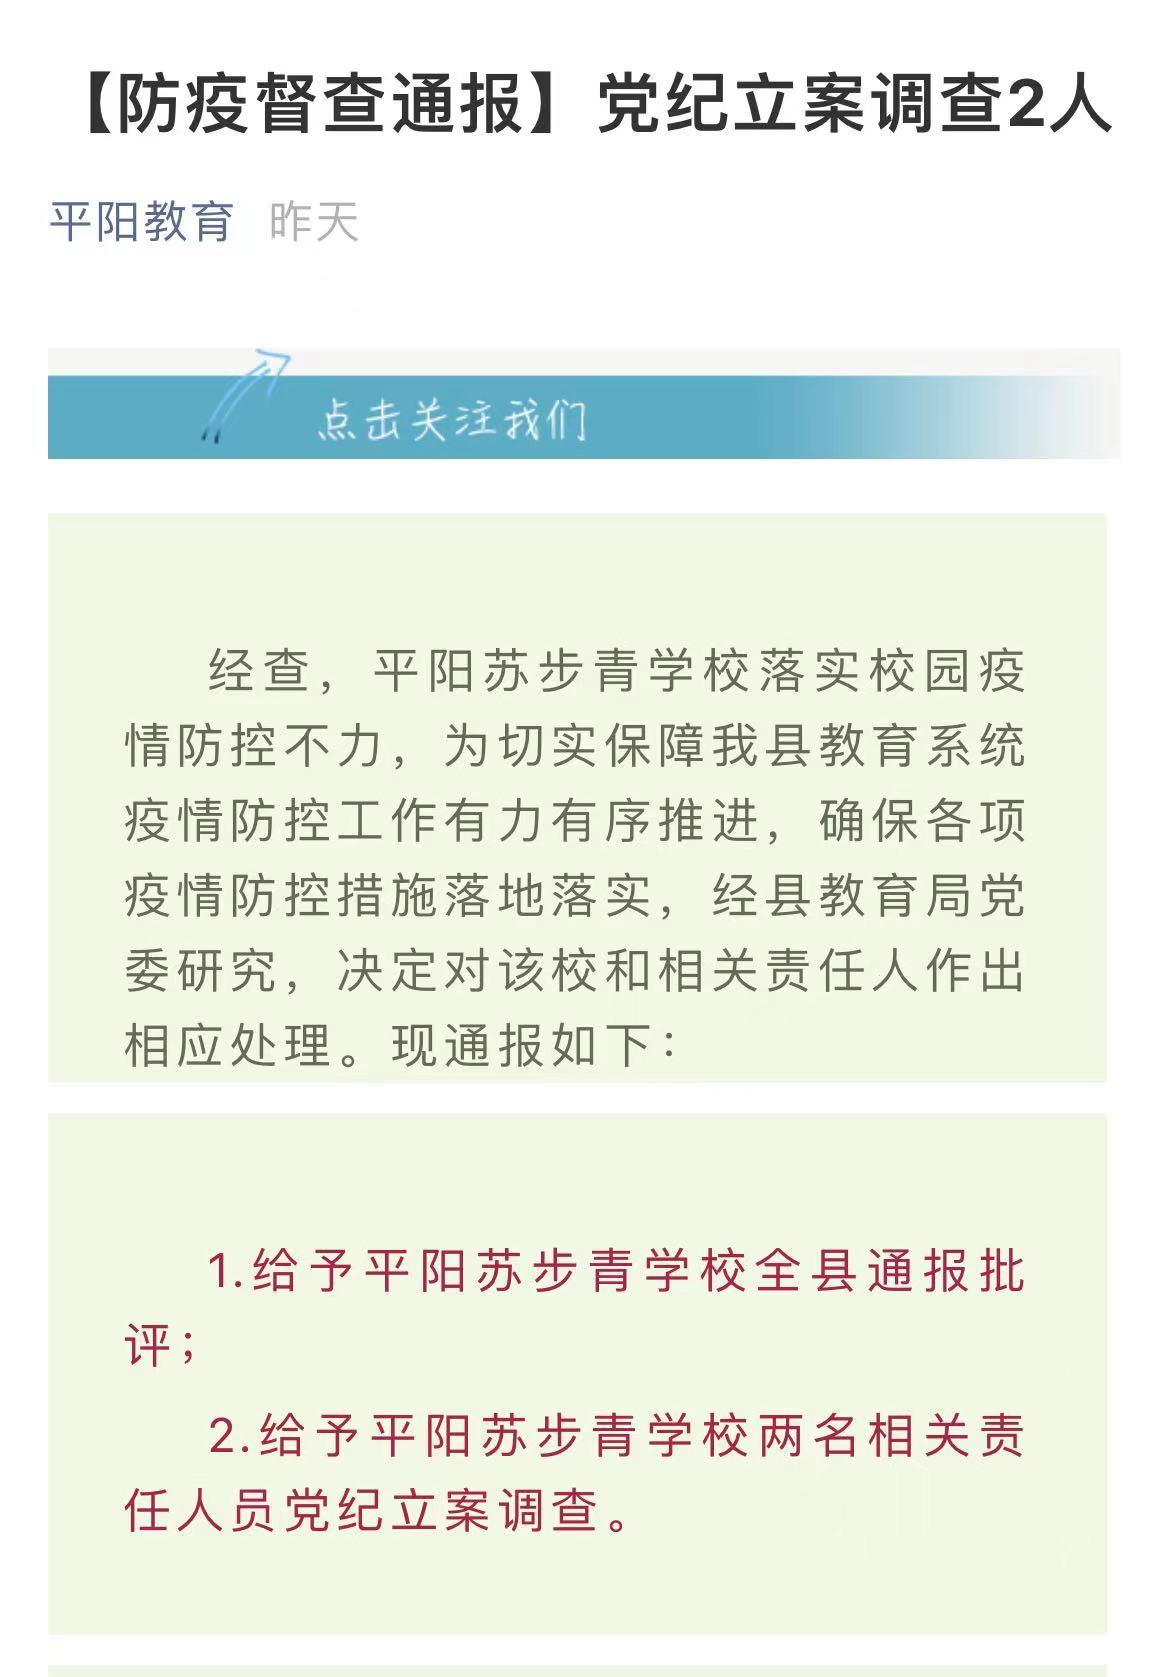 浙江温州一学校疫情防控不力被通报:2人被党纪立案调查